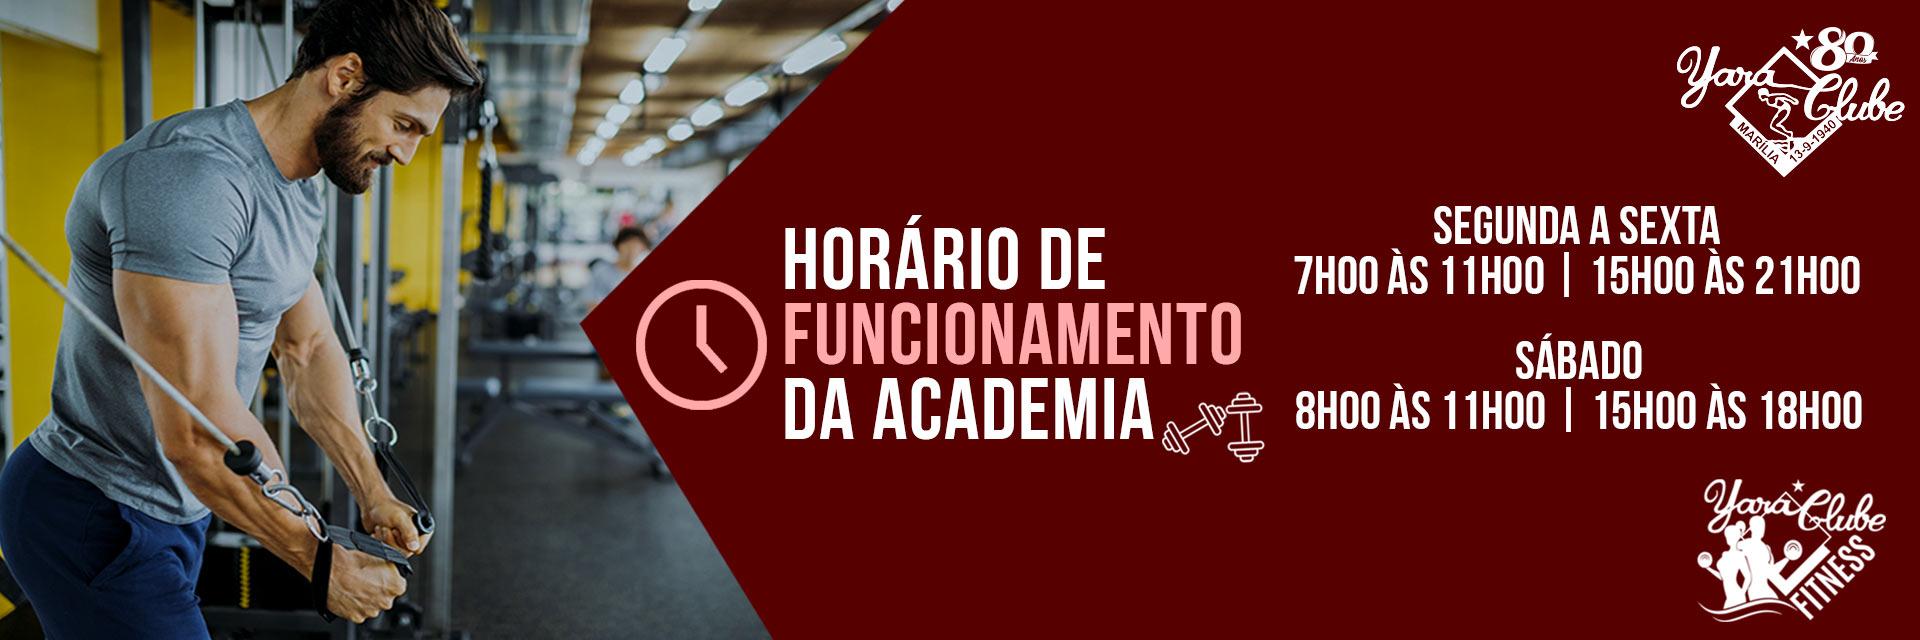 Horário academia